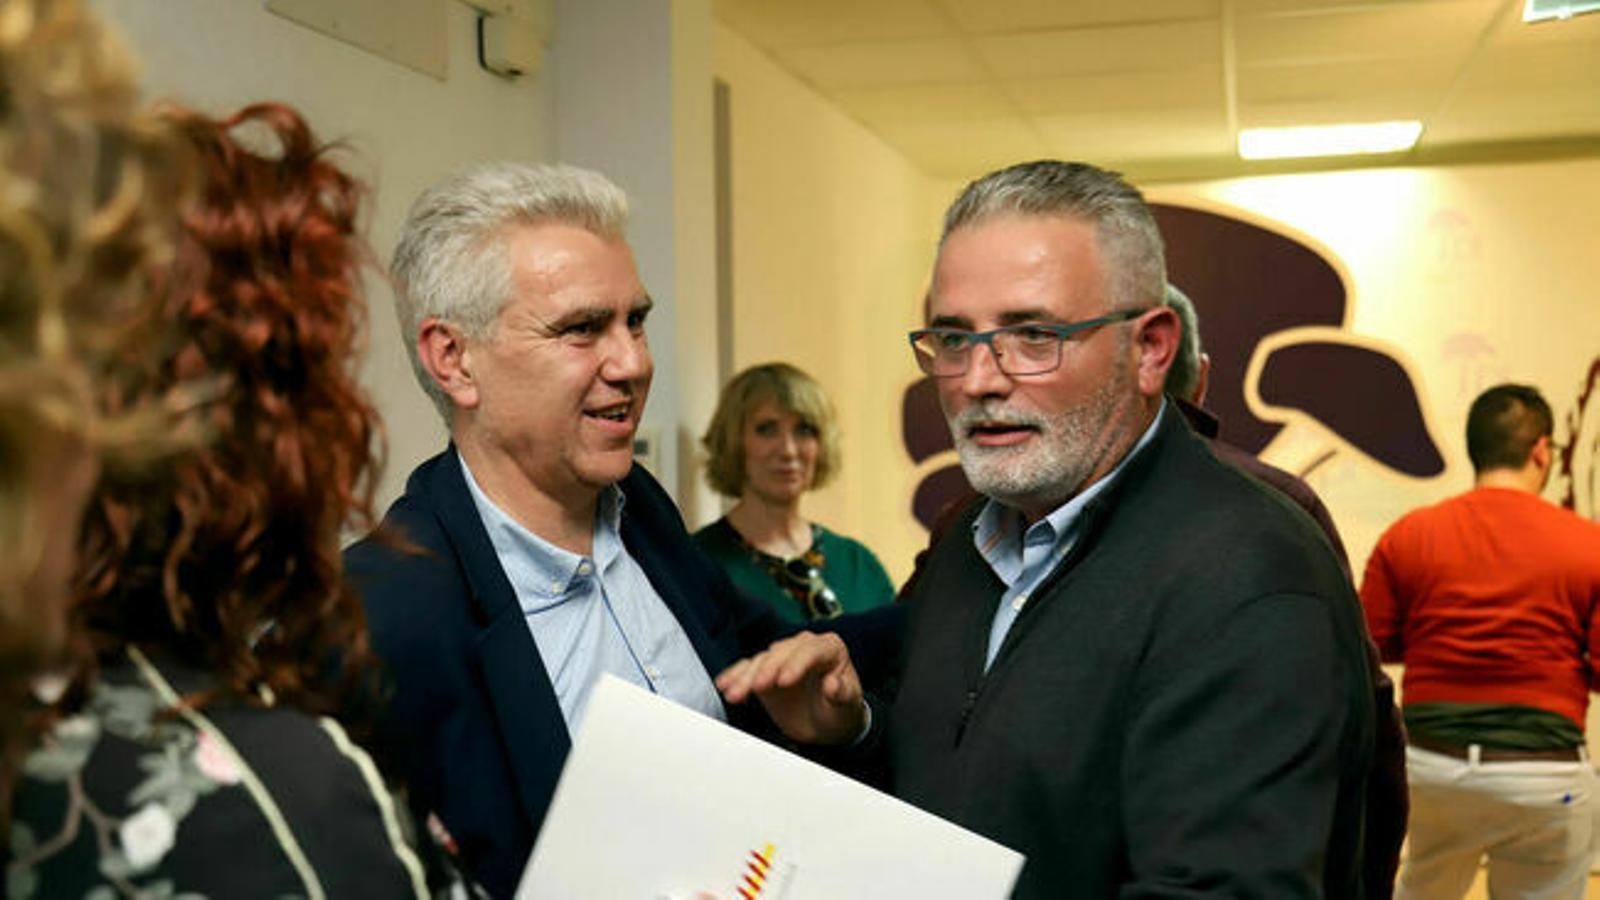 Josep Melià i Jaume Font el passat 12 de febrer, quan Font convocà els mitjans per fer pública la seva dimissió. / I. VELÁZQUEZ